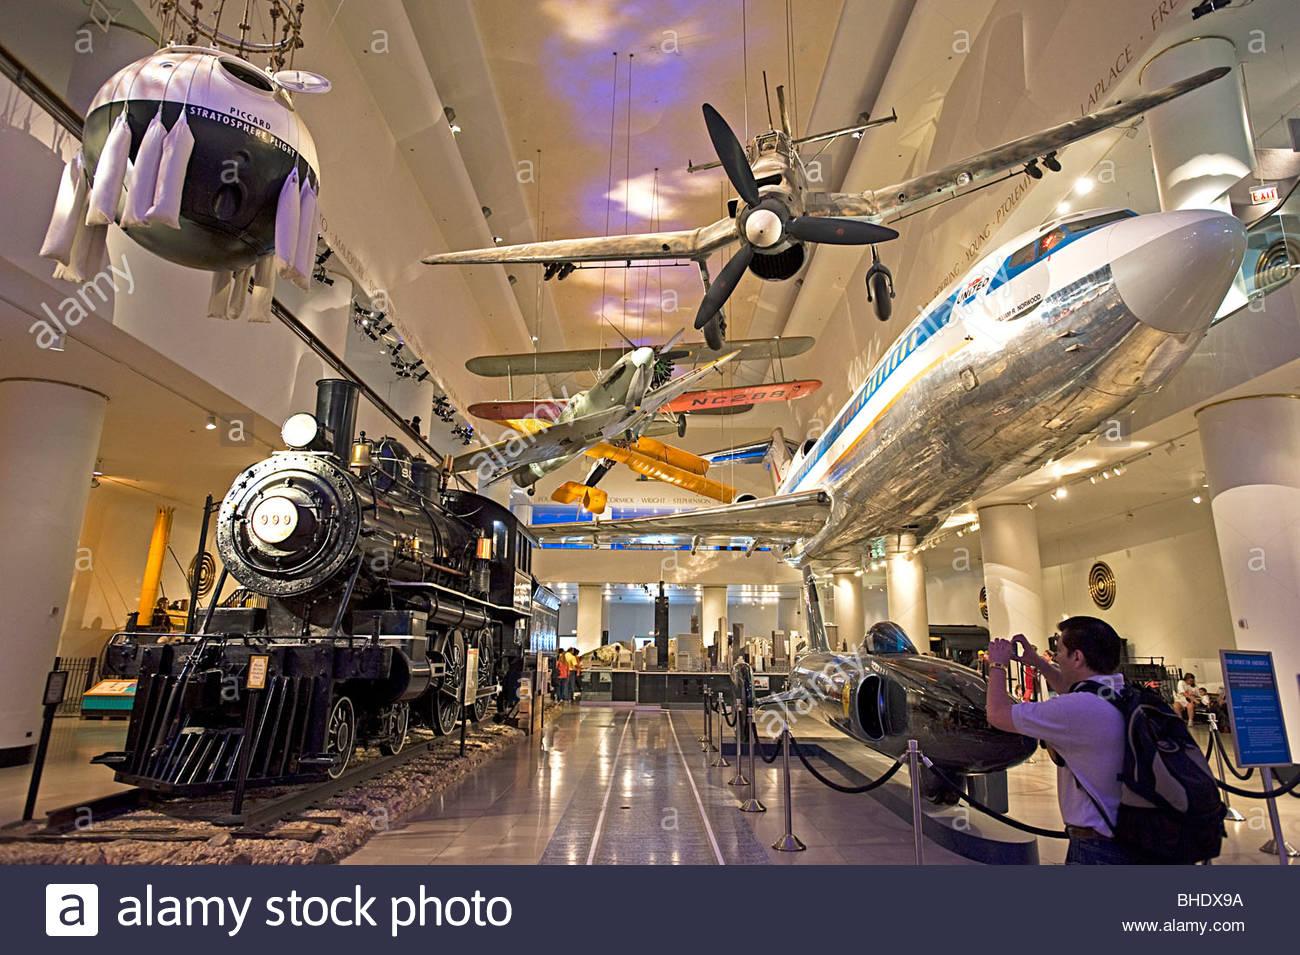 Il Museo della Scienza e dell'industria. Chicago, Illinois, Stati Uniti d'America Immagini Stock